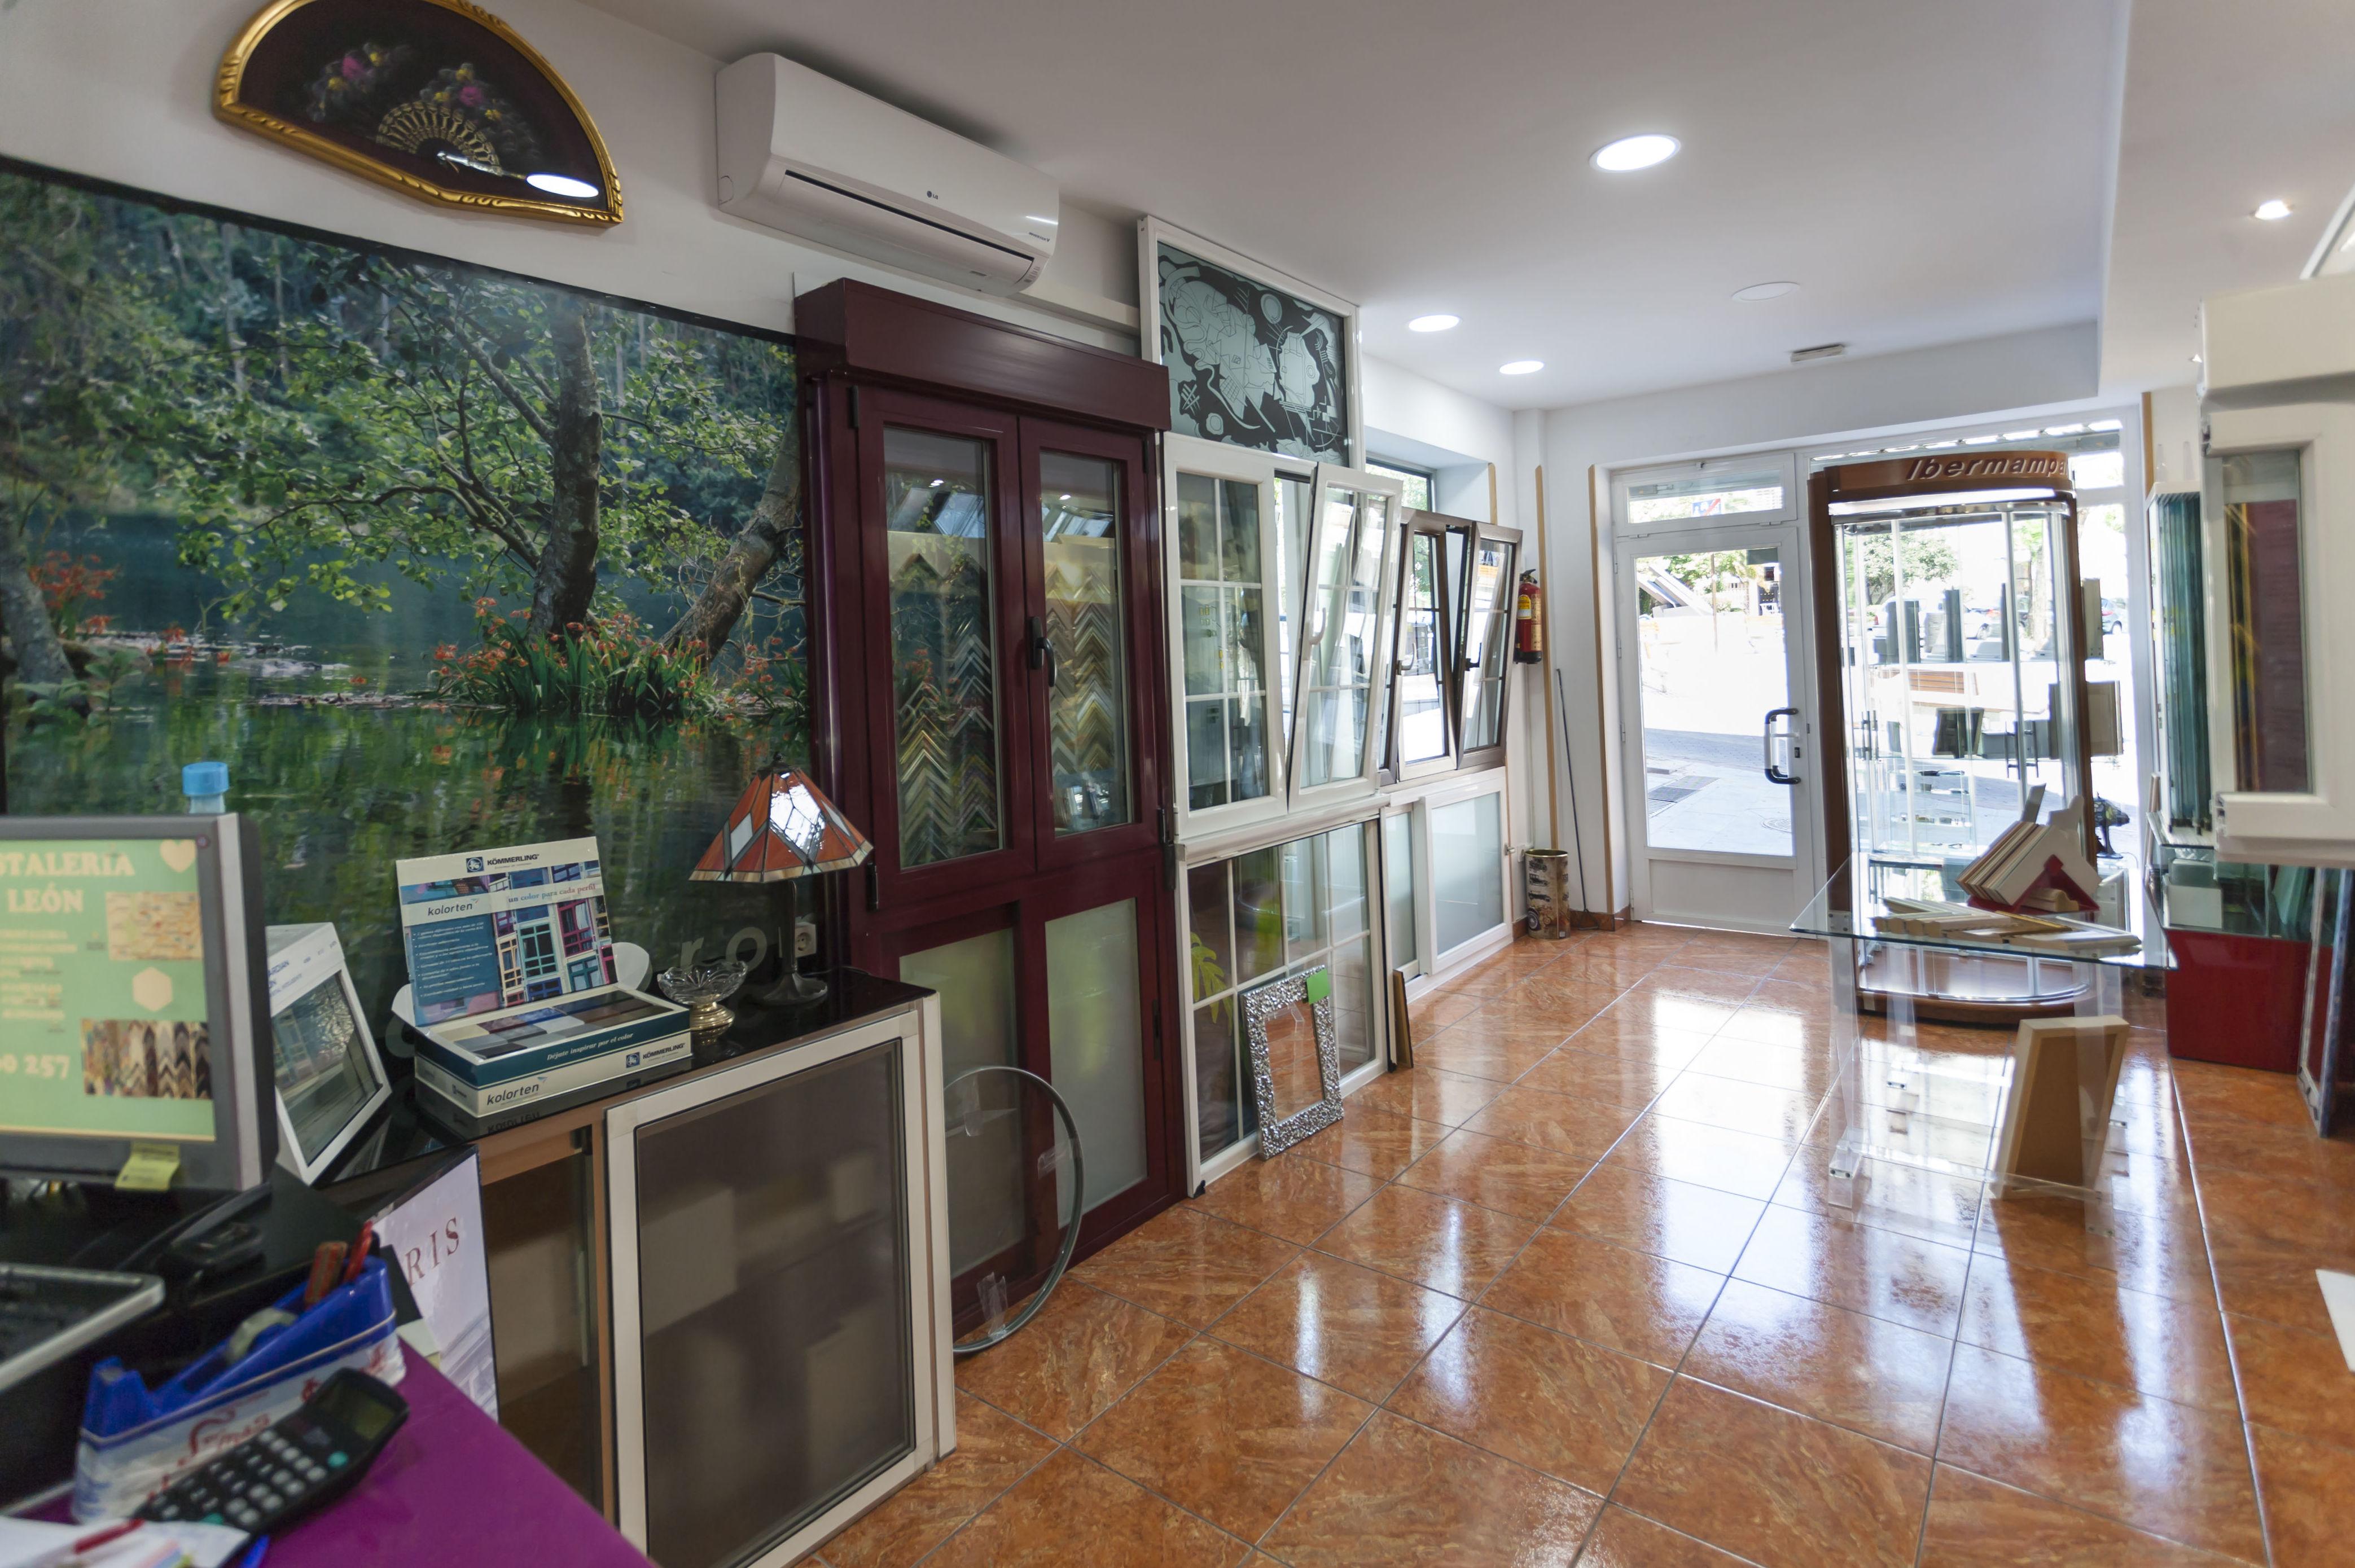 otra vista, ventanas de aluminio y pvc/cristaleria